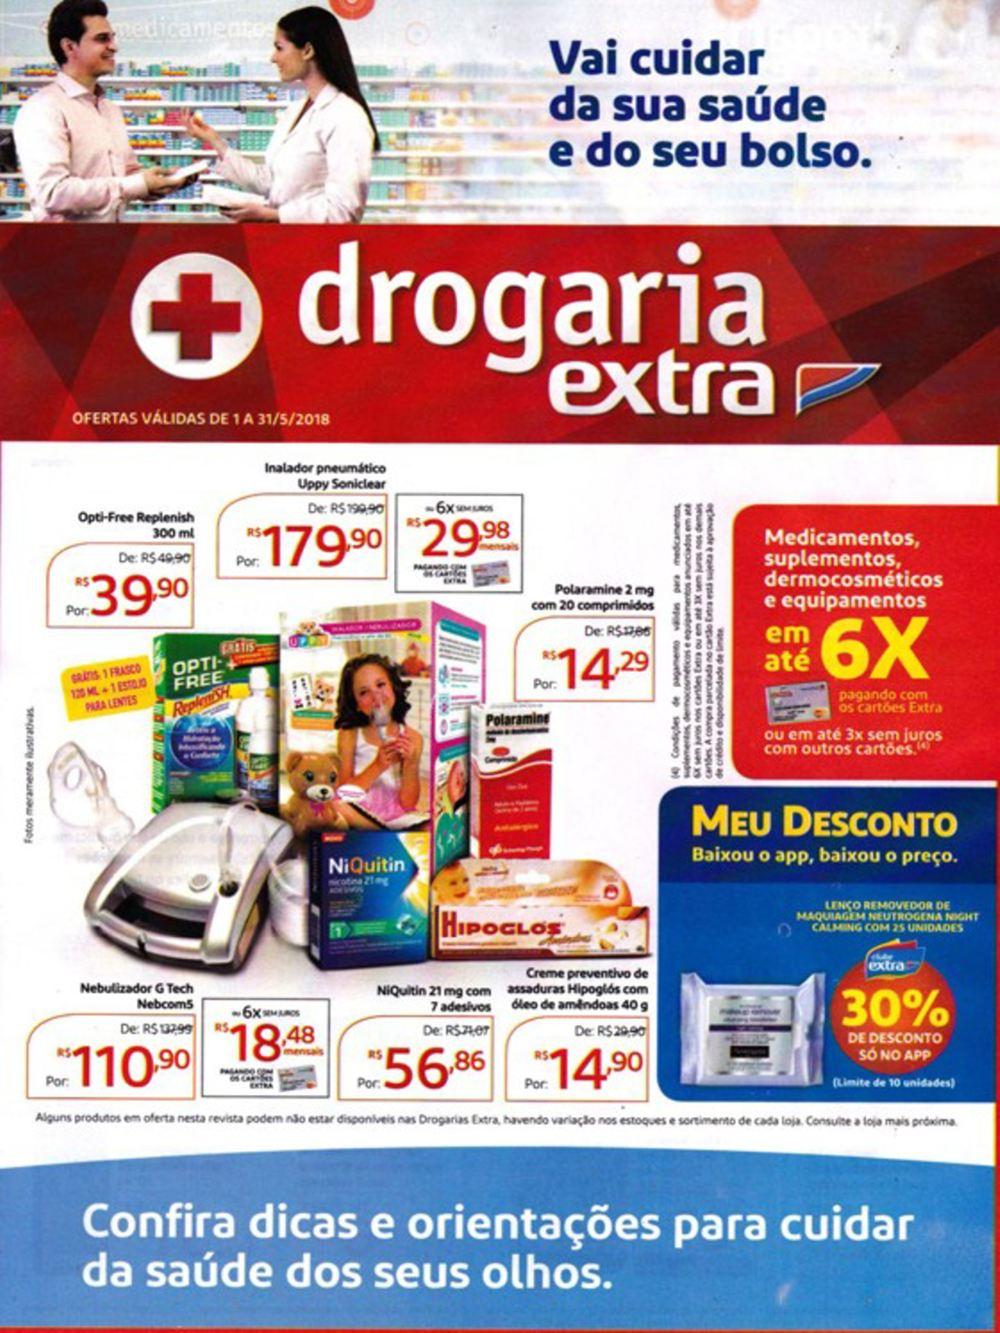 Ofertas-drogaria-extra1 Extra até 31/05